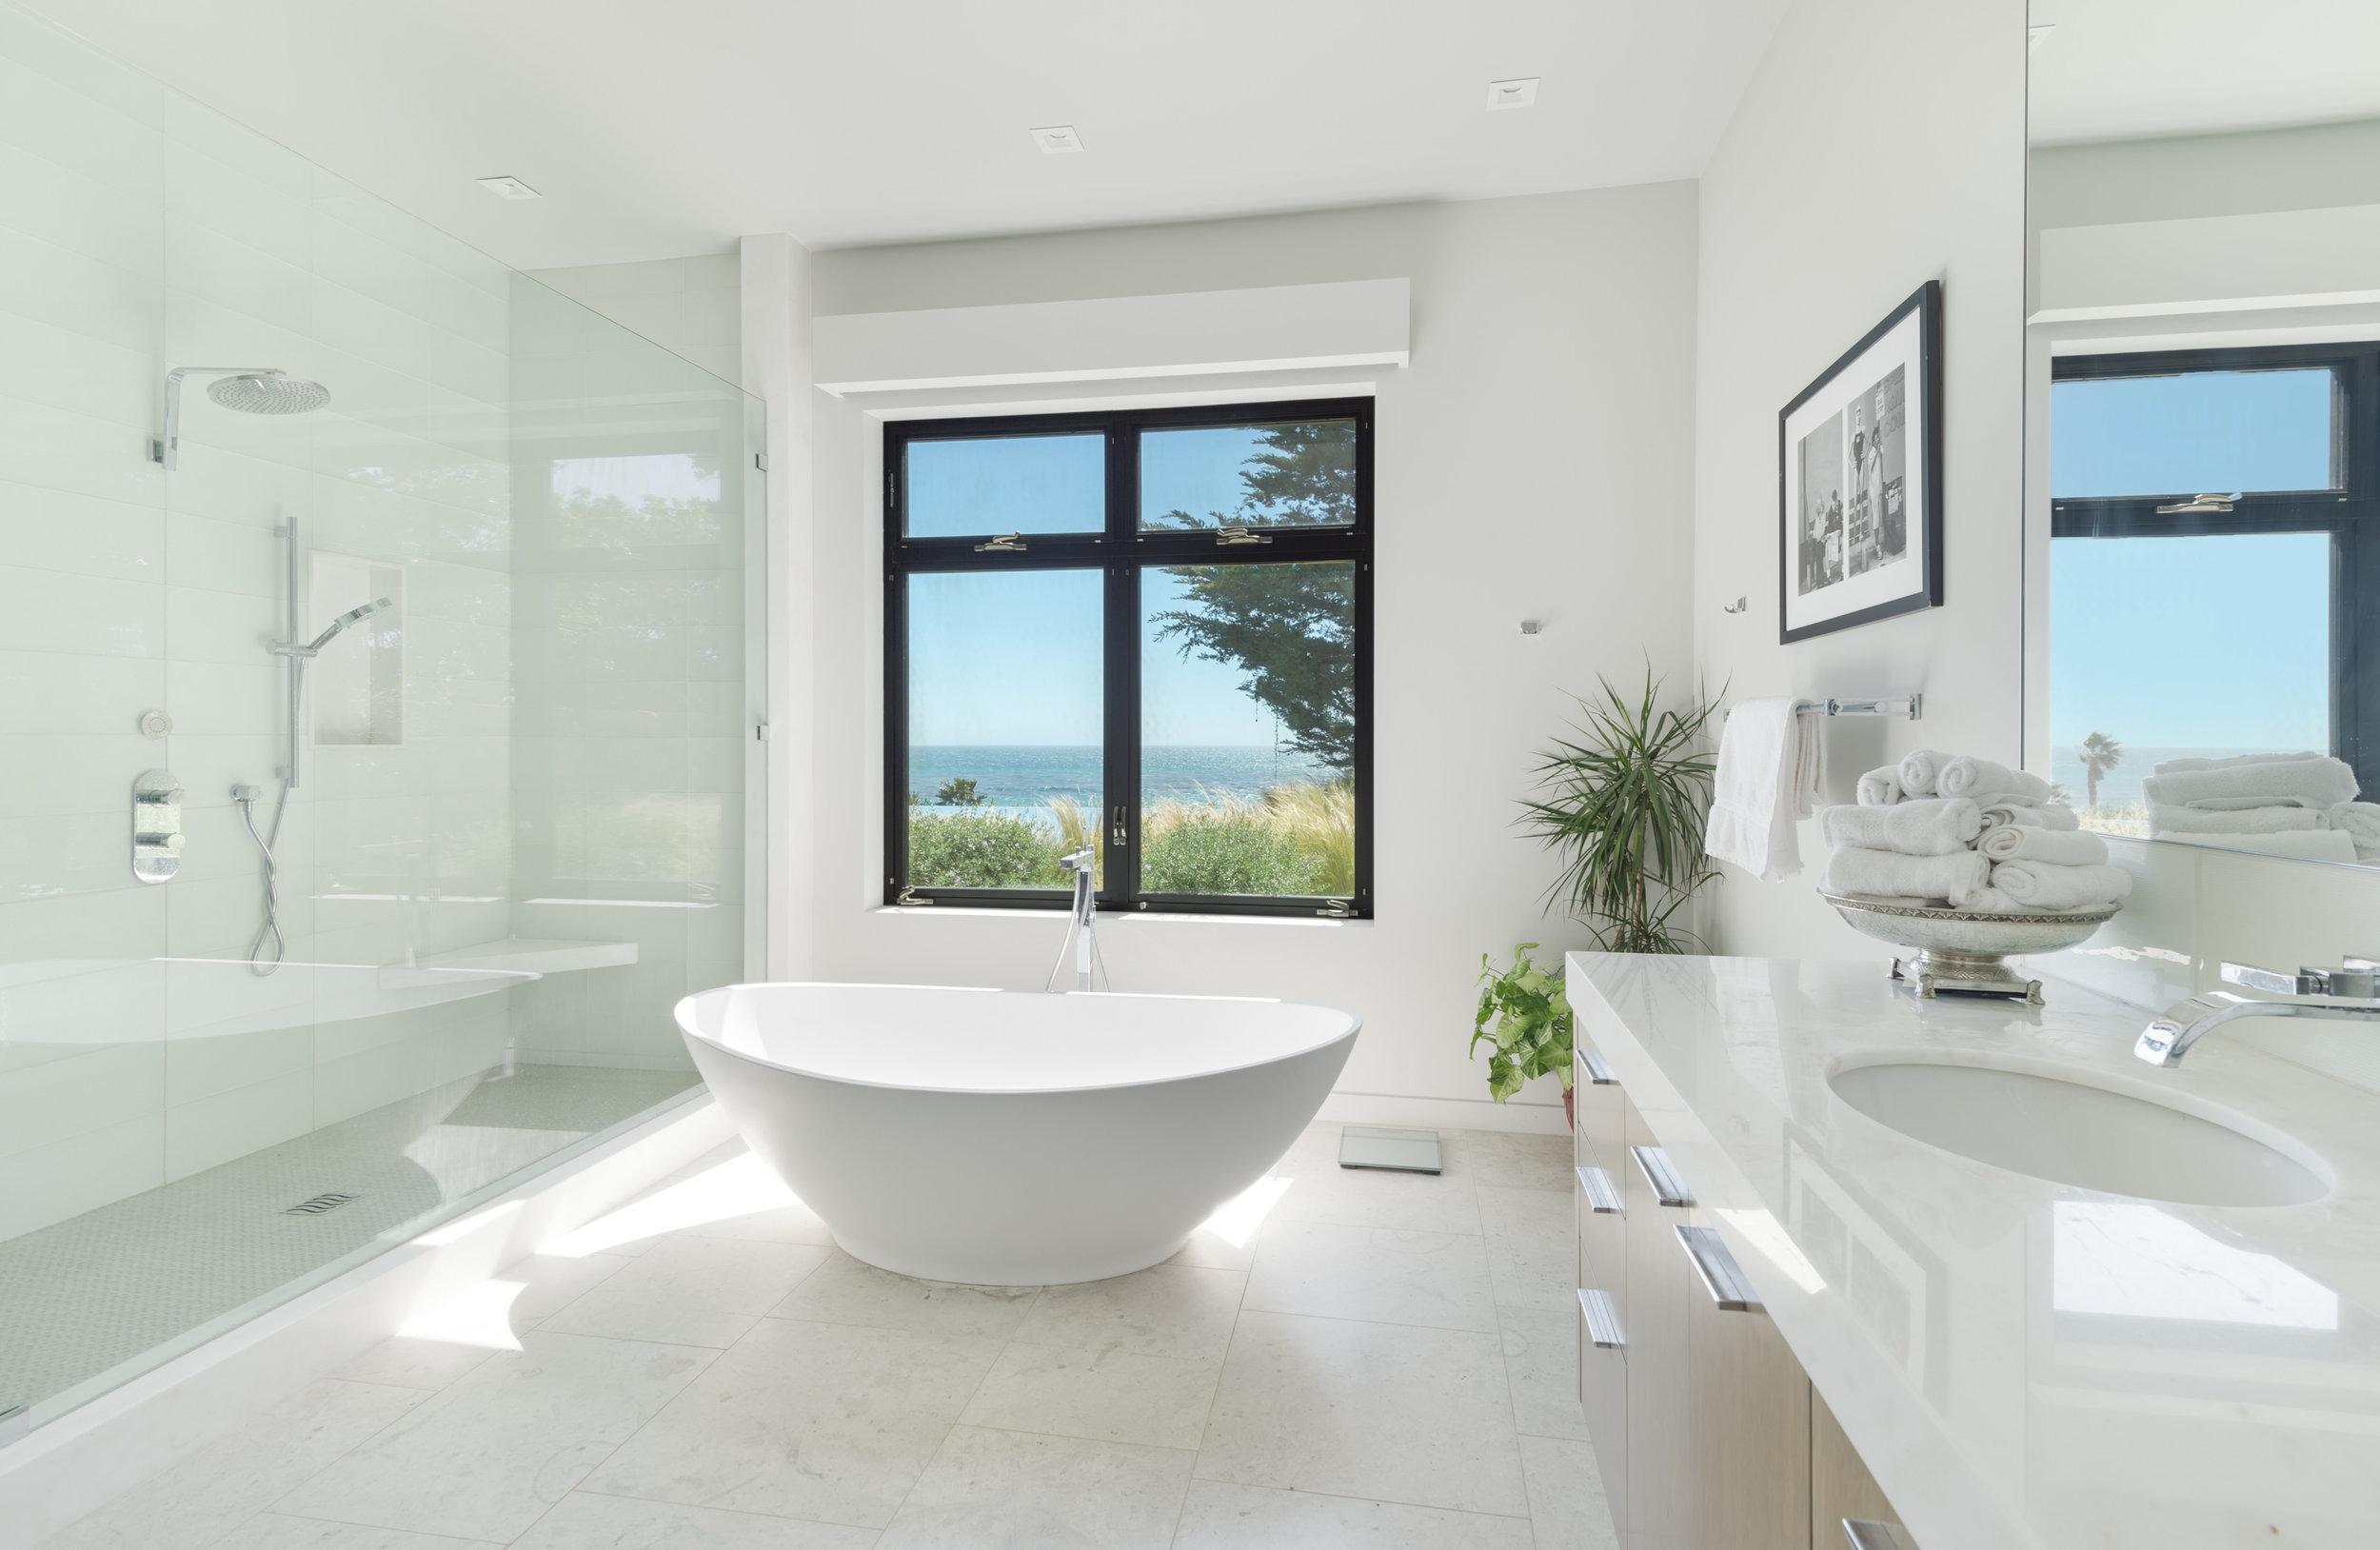 014 rest room 2 11902 Ellice Street Malibu For Sale The Malibu Life Team Luxury Real Estate.jpg